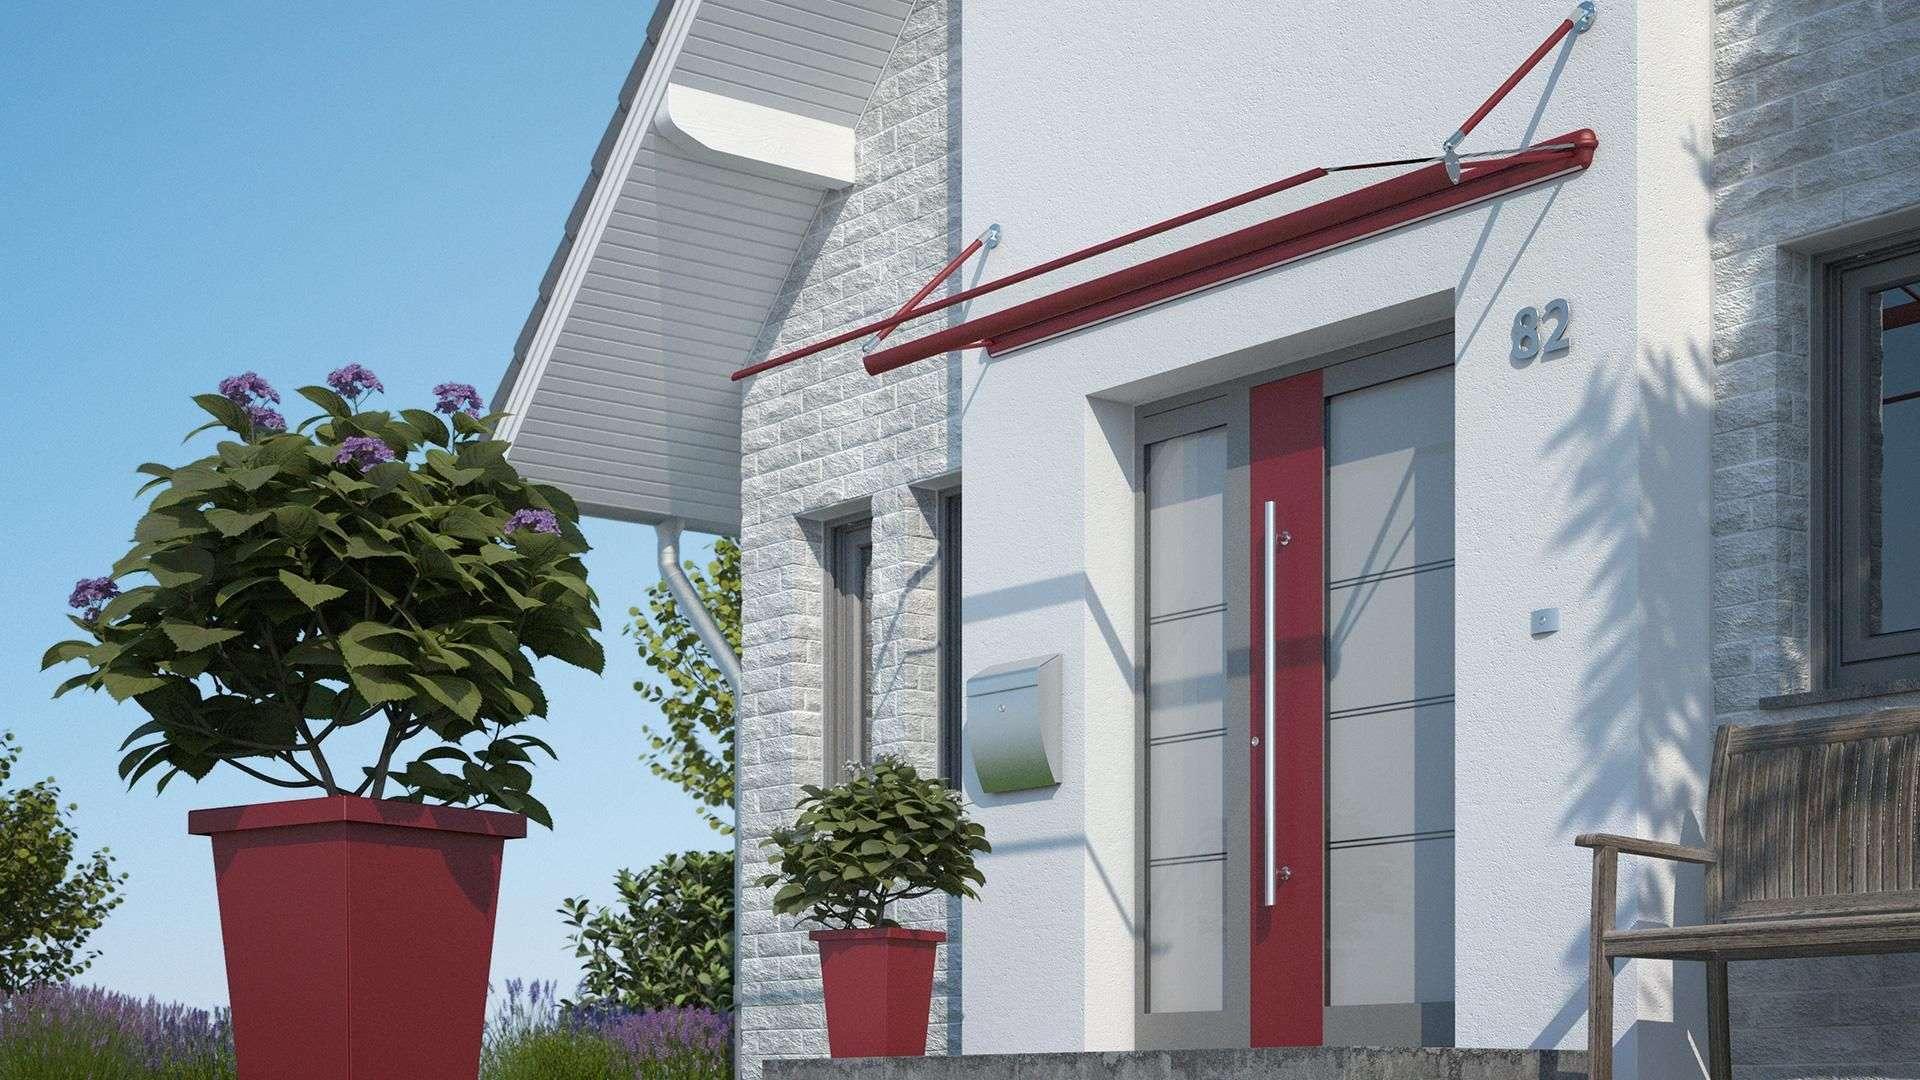 Eine Haustür mit roten Akzenten